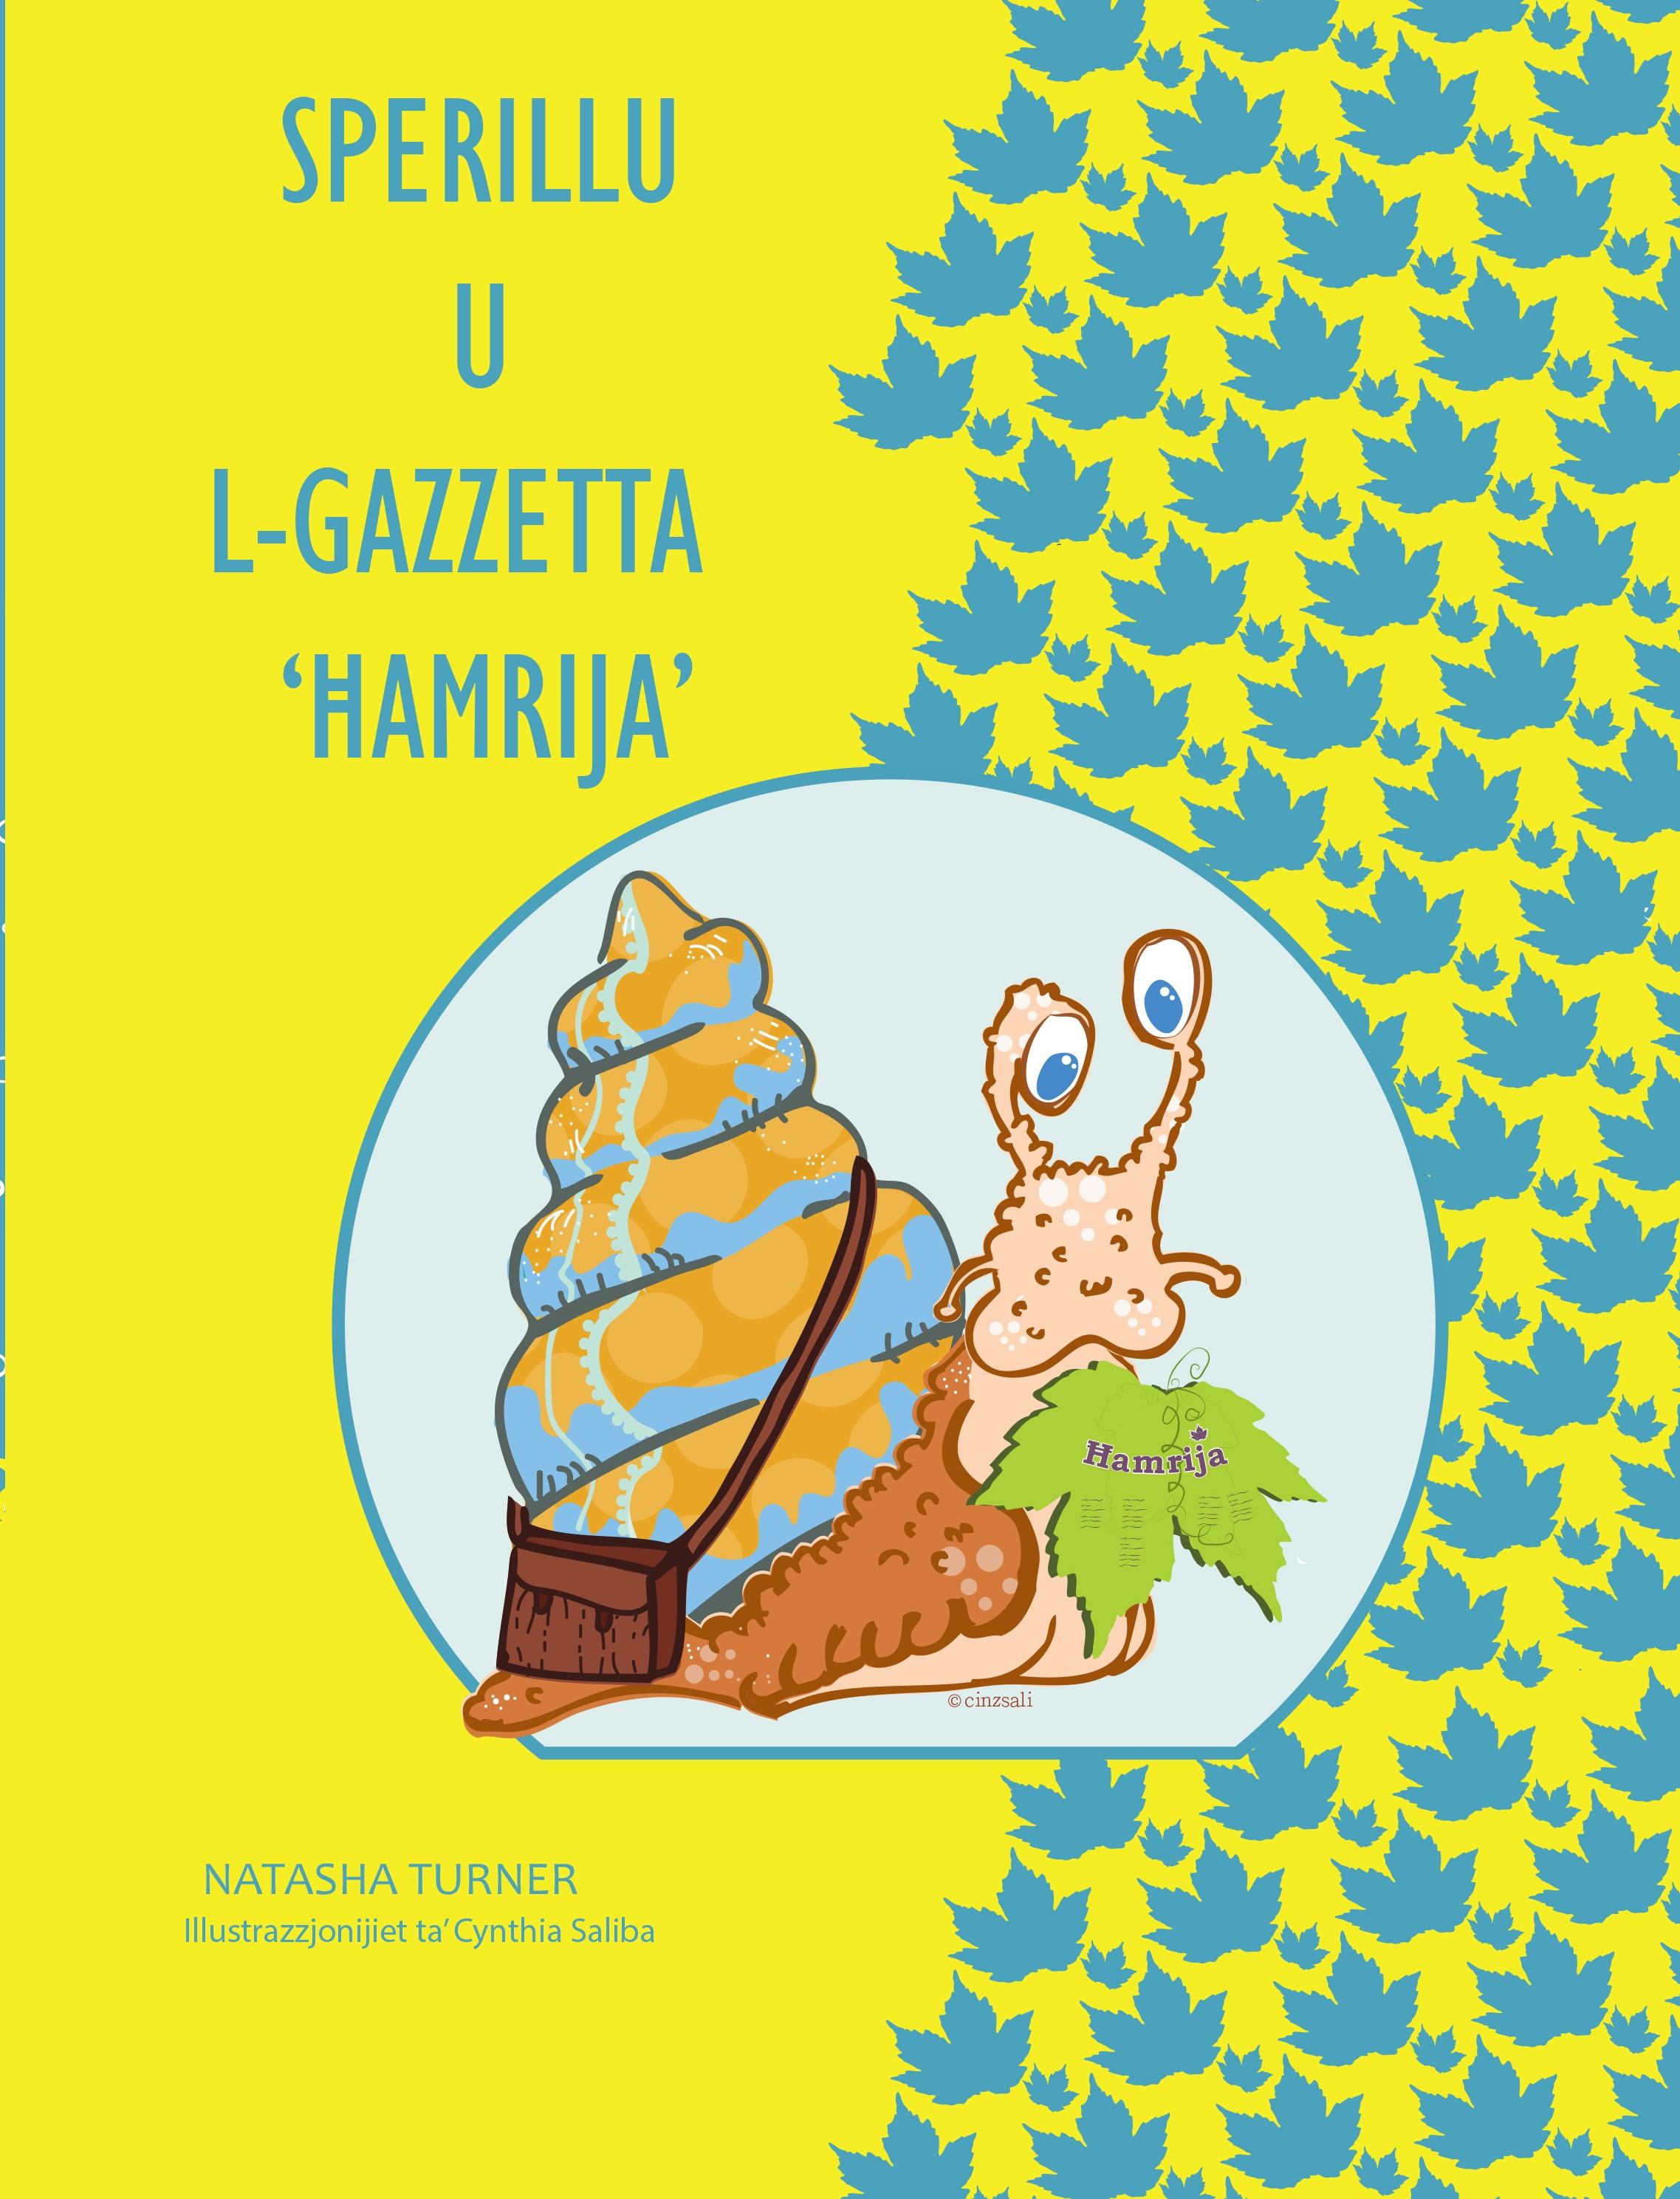 Sperillu u l-gazzetta 'Ħamrija'